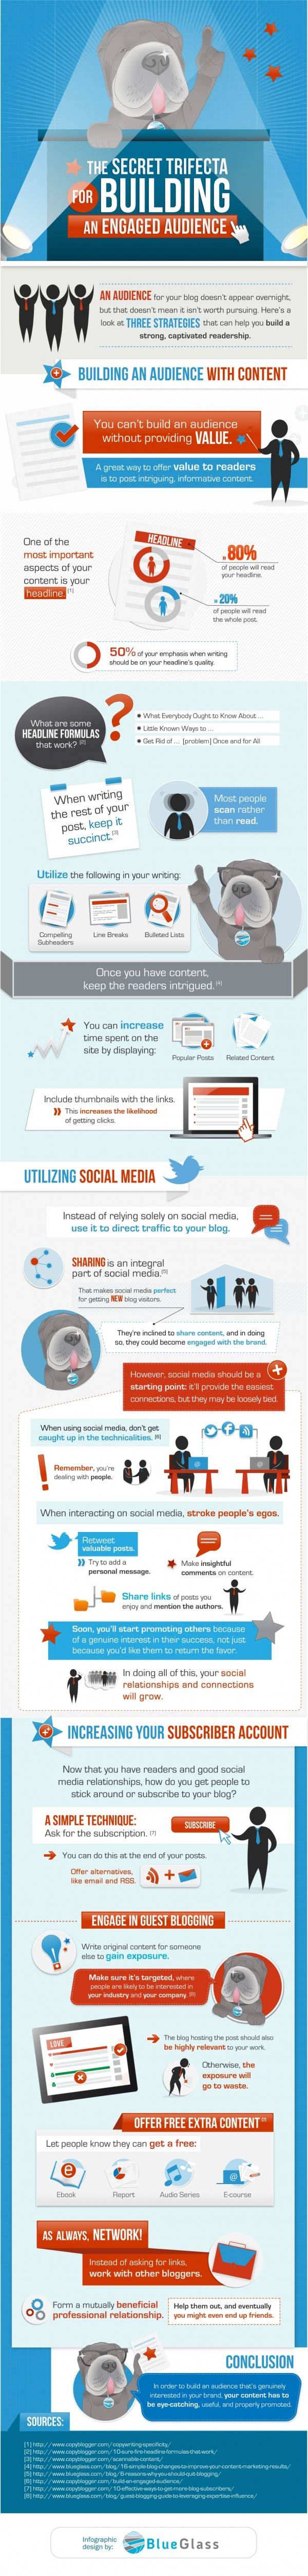 Infographic fra Mashable